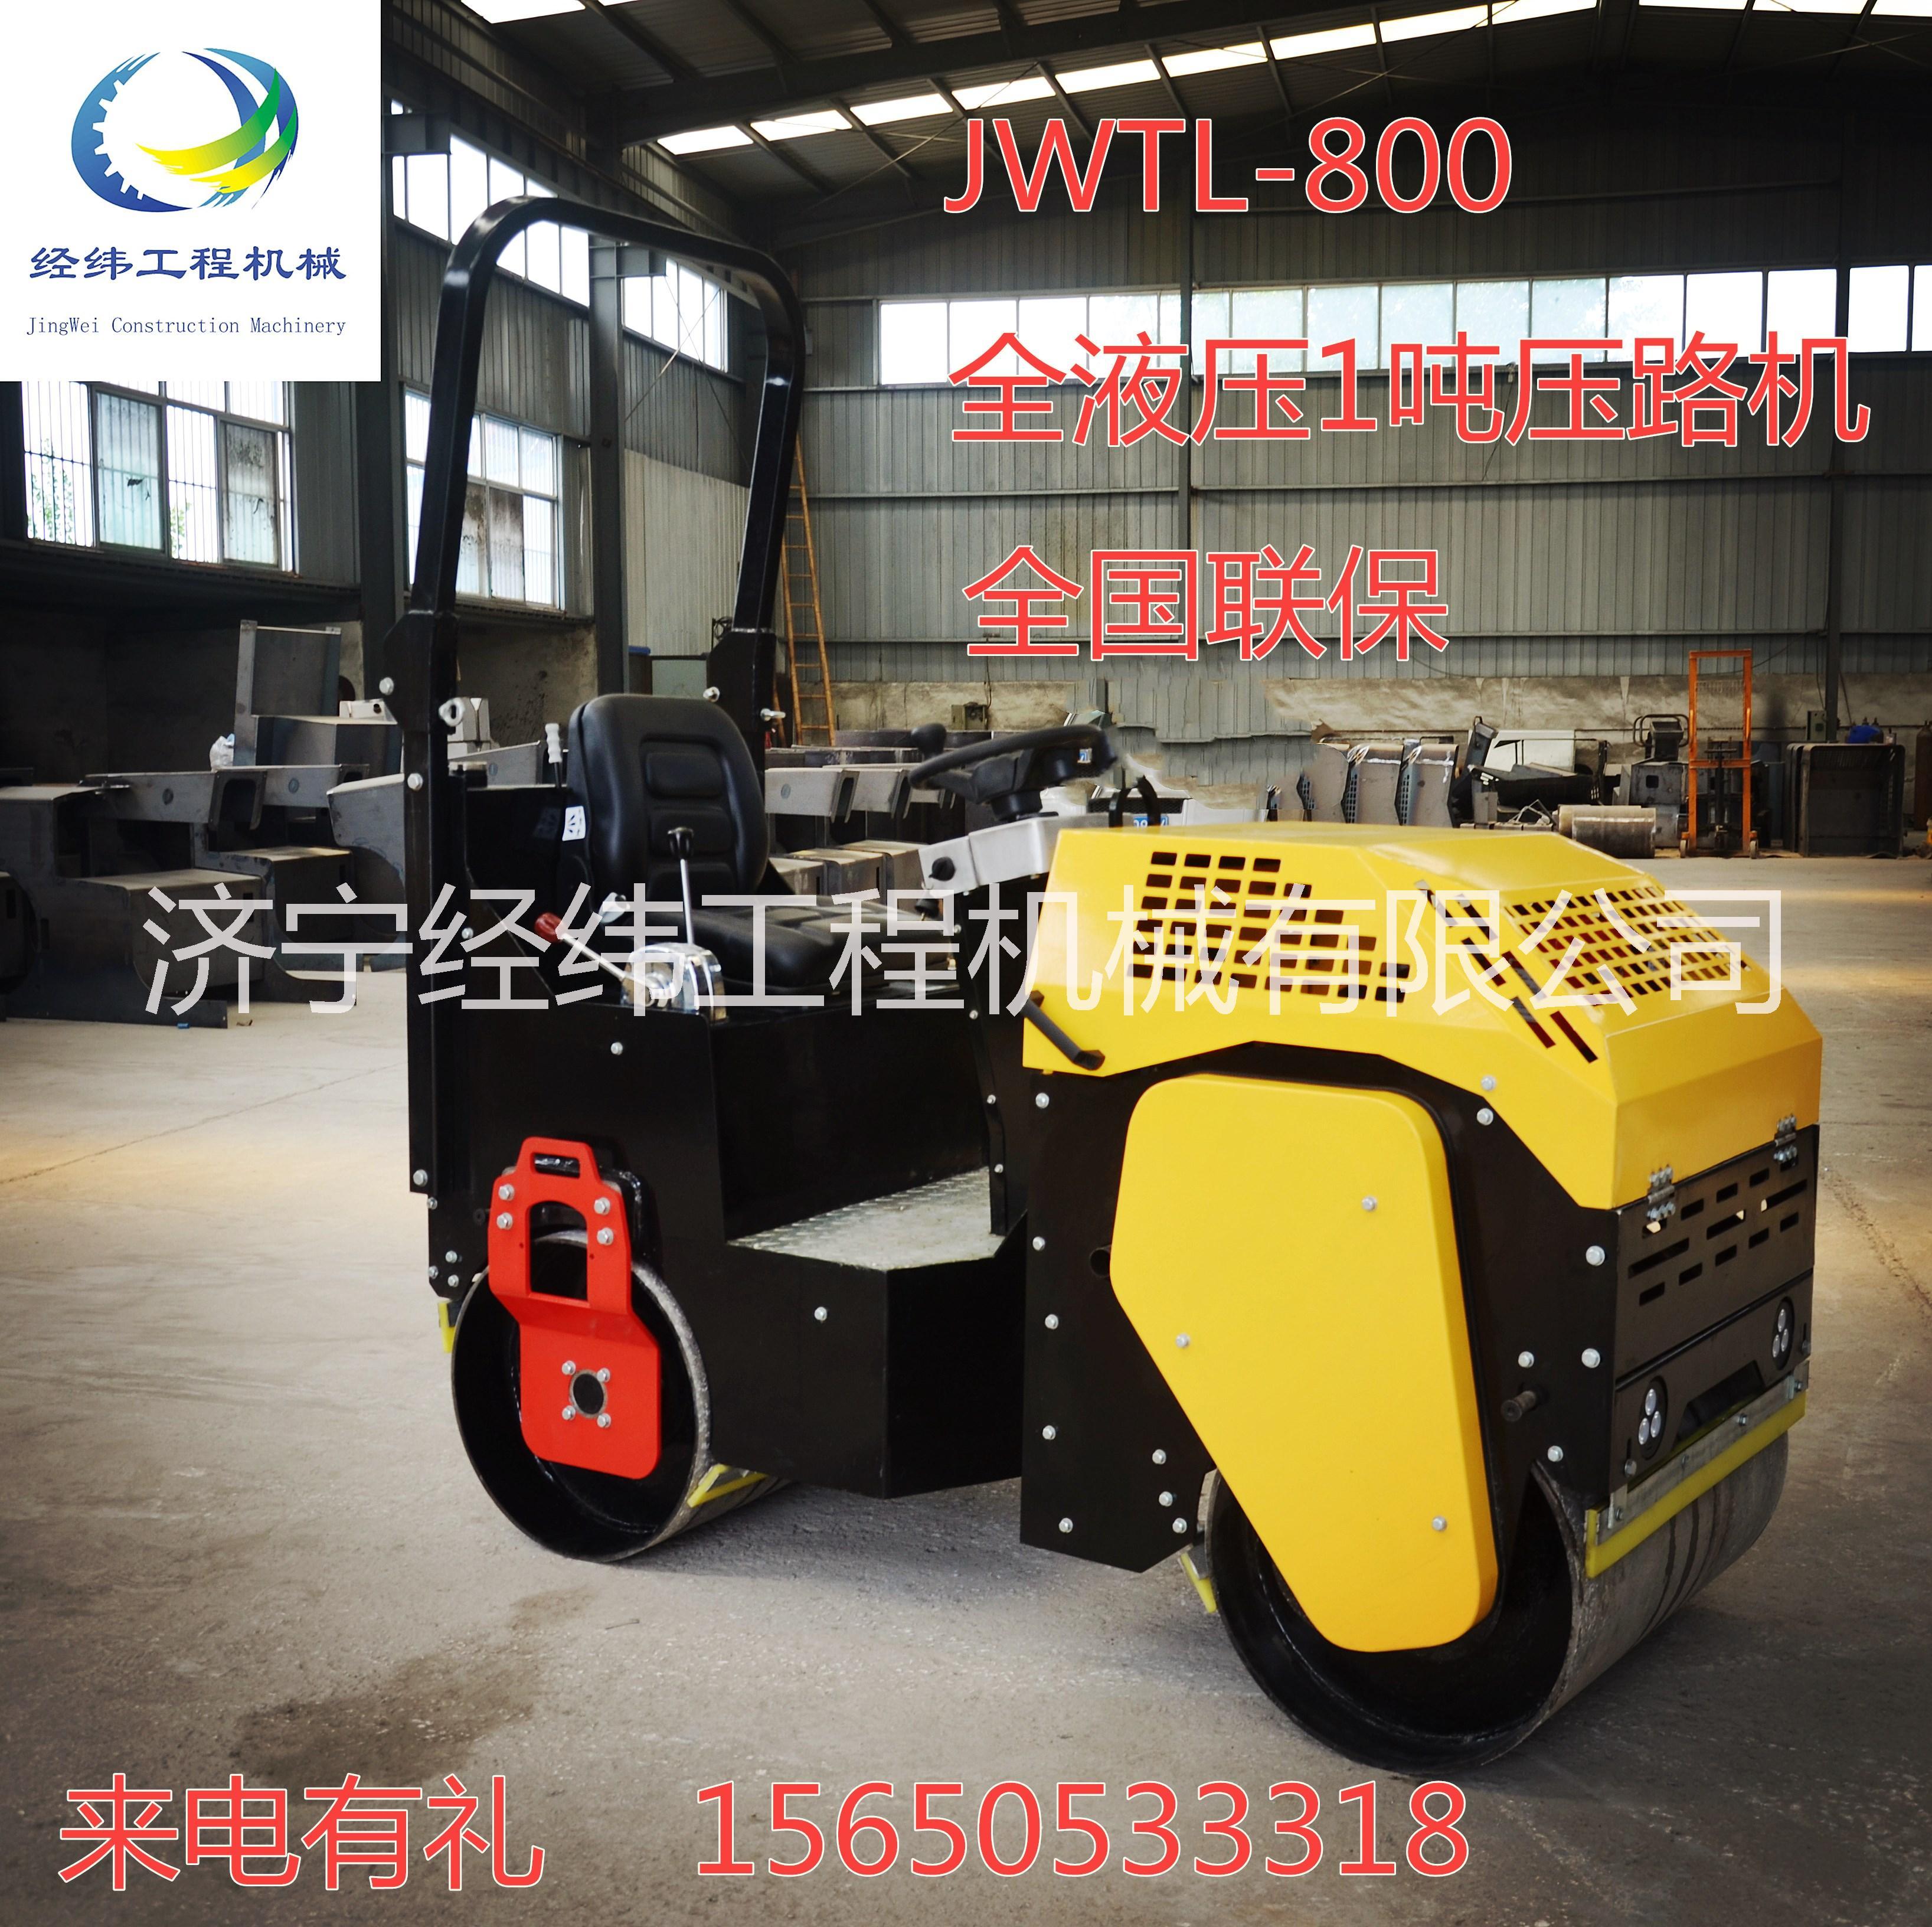 小型单钢轮压路机,1吨压路机